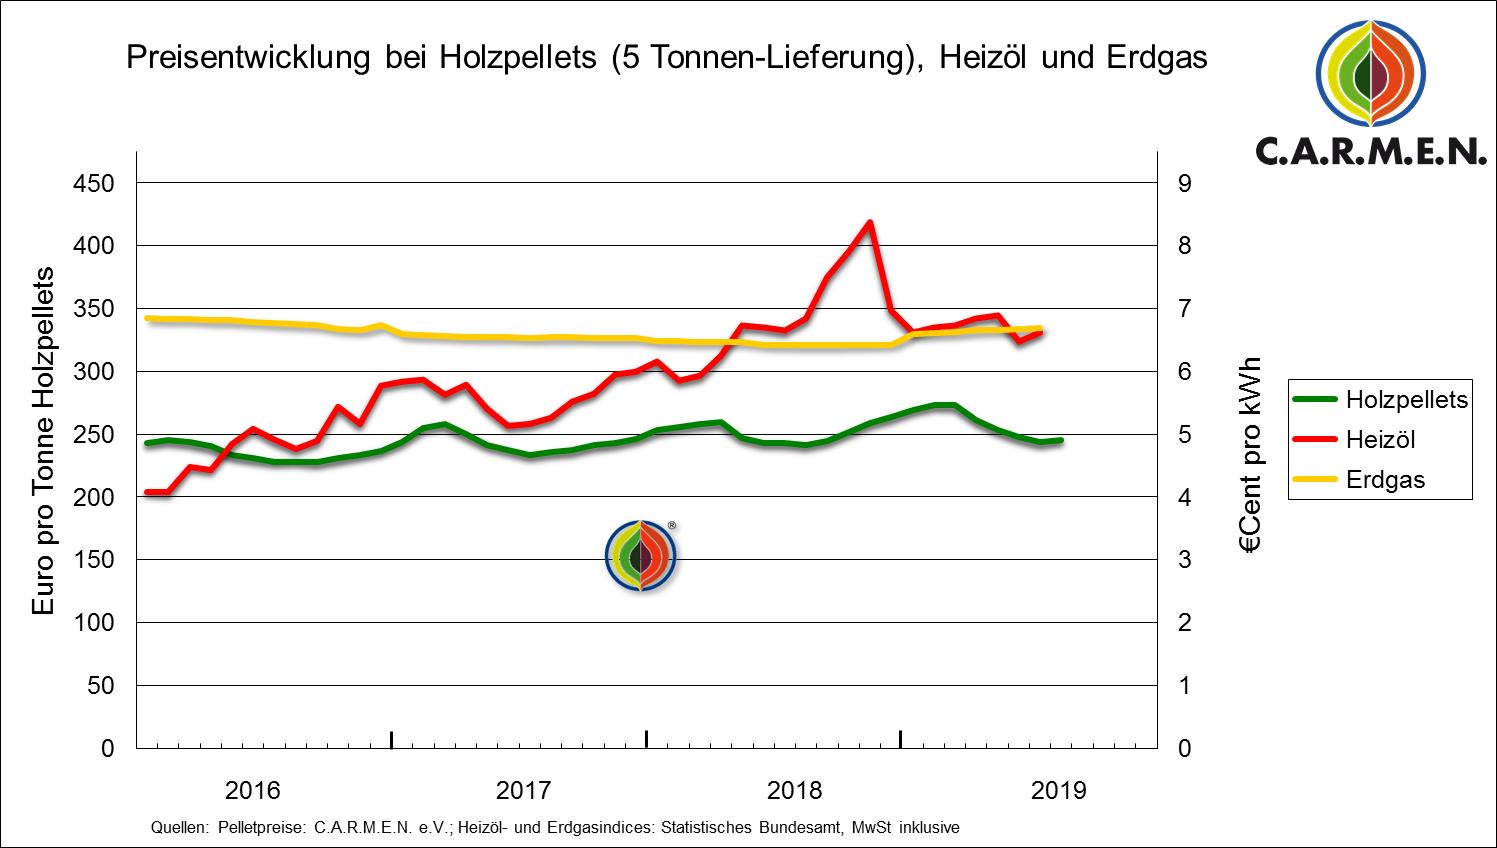 Das Schaubild zeigt die relative Preisstabilität von Holzpellets gegenüber den Brennstoffen Erdgas und Heizöl.